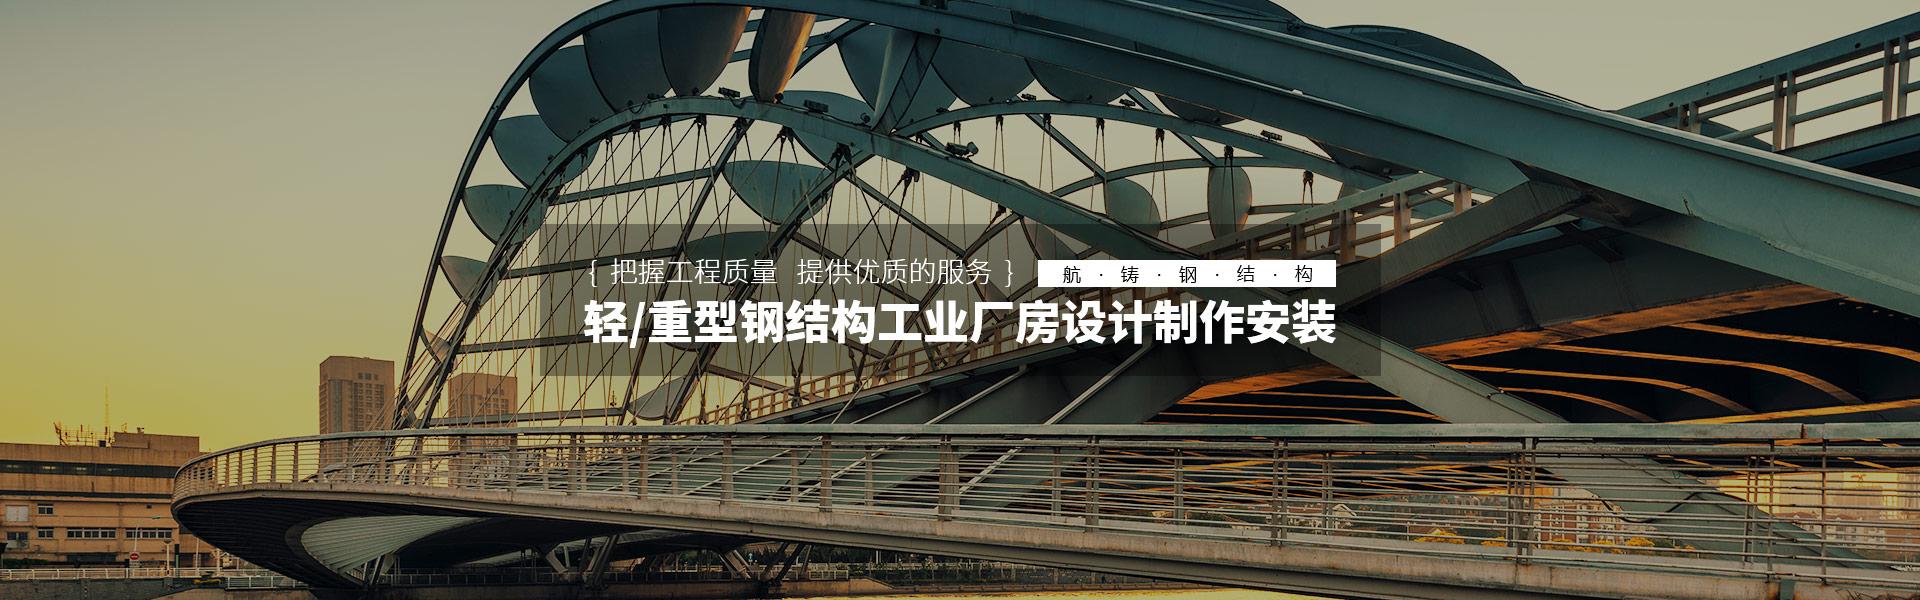 重庆钢结构安装公司